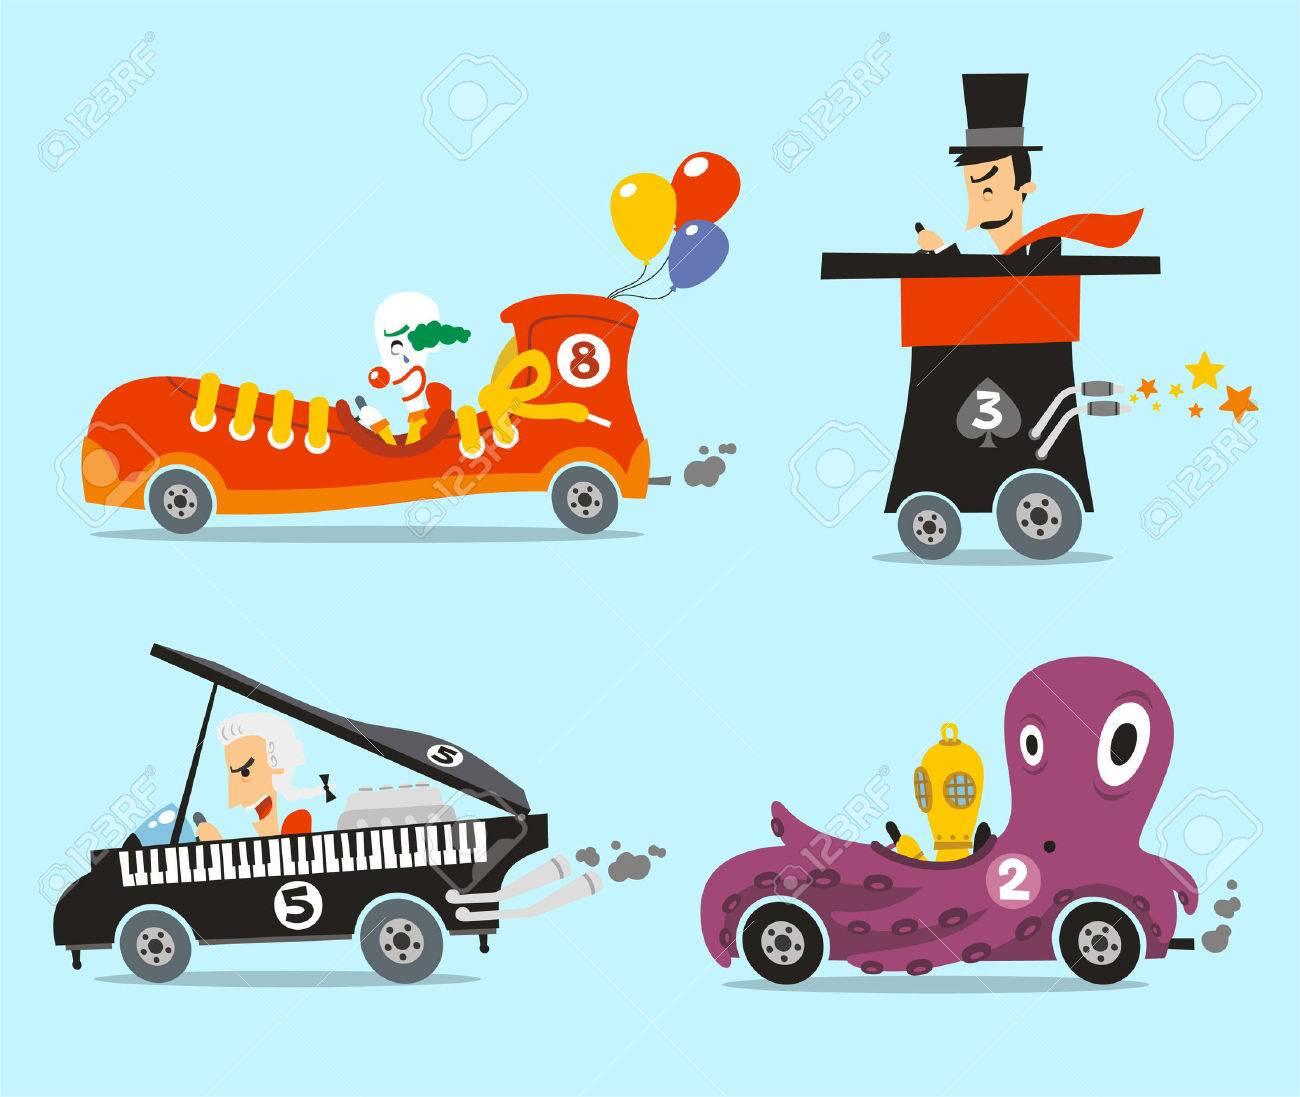 Autos Locos Ilustracion Vectorial Conjunto De Dibujos Animados Con